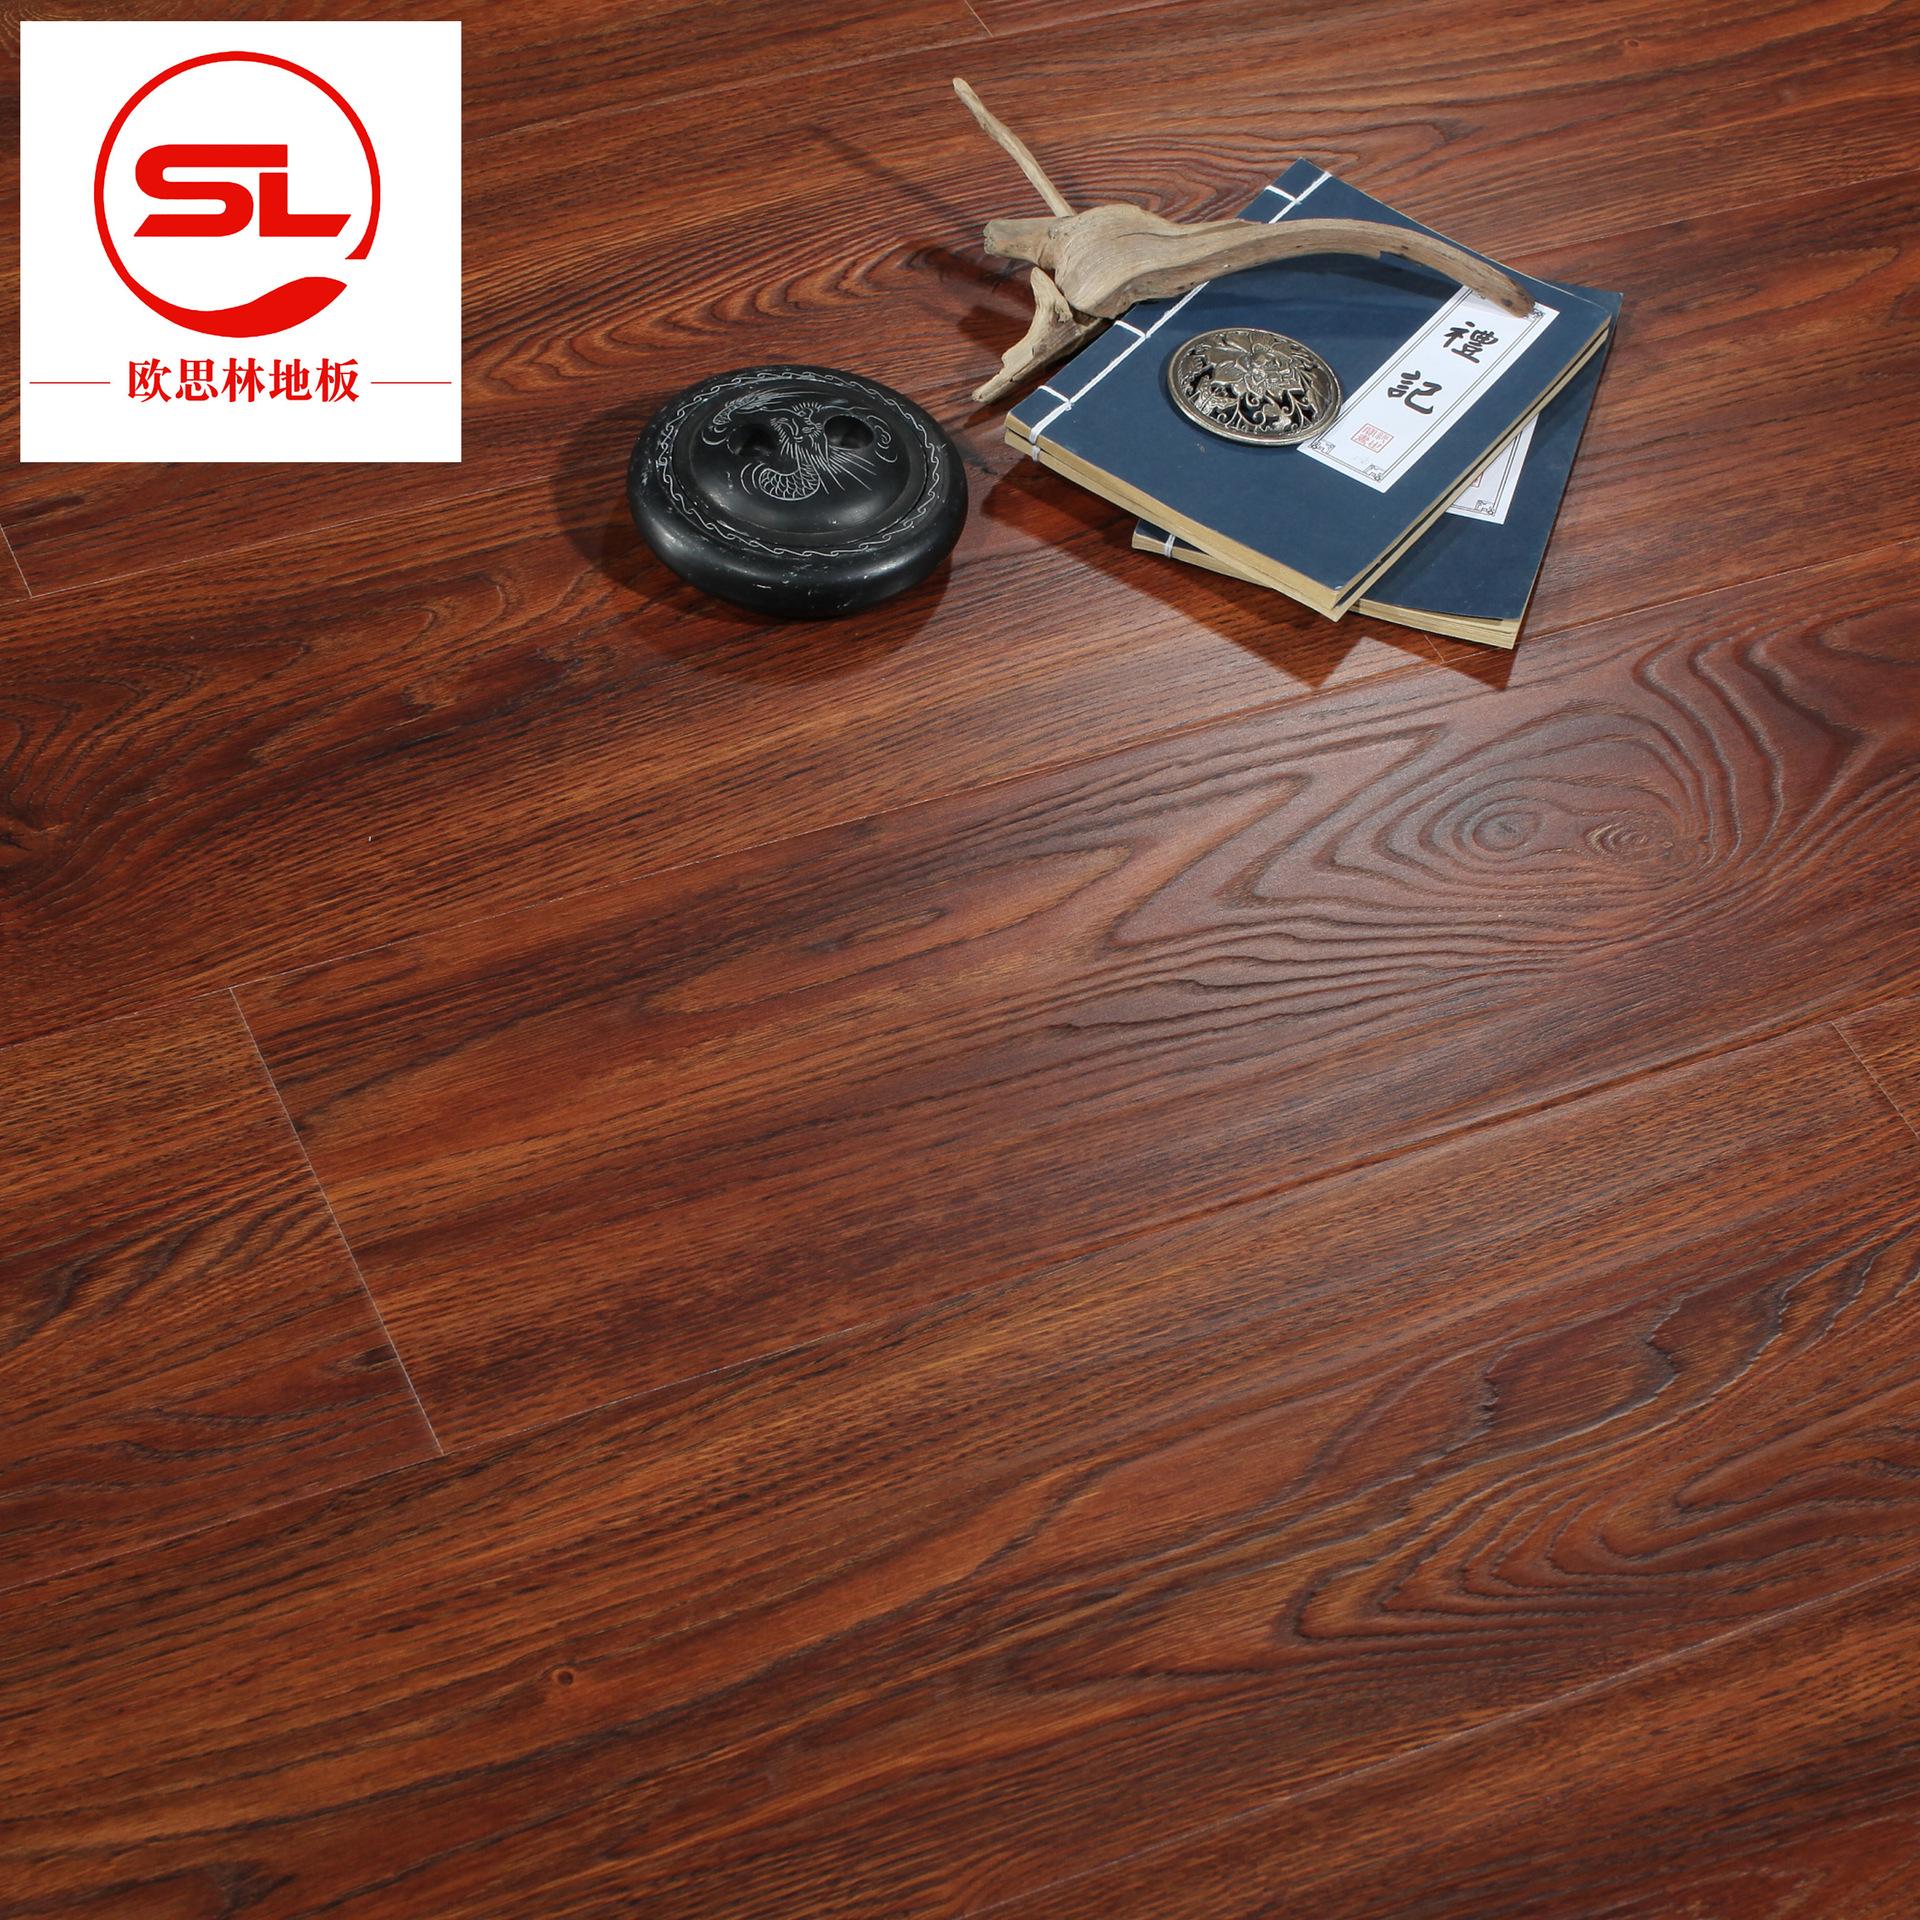 OUSILIN Ván sàn Nhà máy Cửa hàng 12 mm Khóa sàn gỗ công cụ cải thiện nhà Công cụ bảo vệ môi trường q